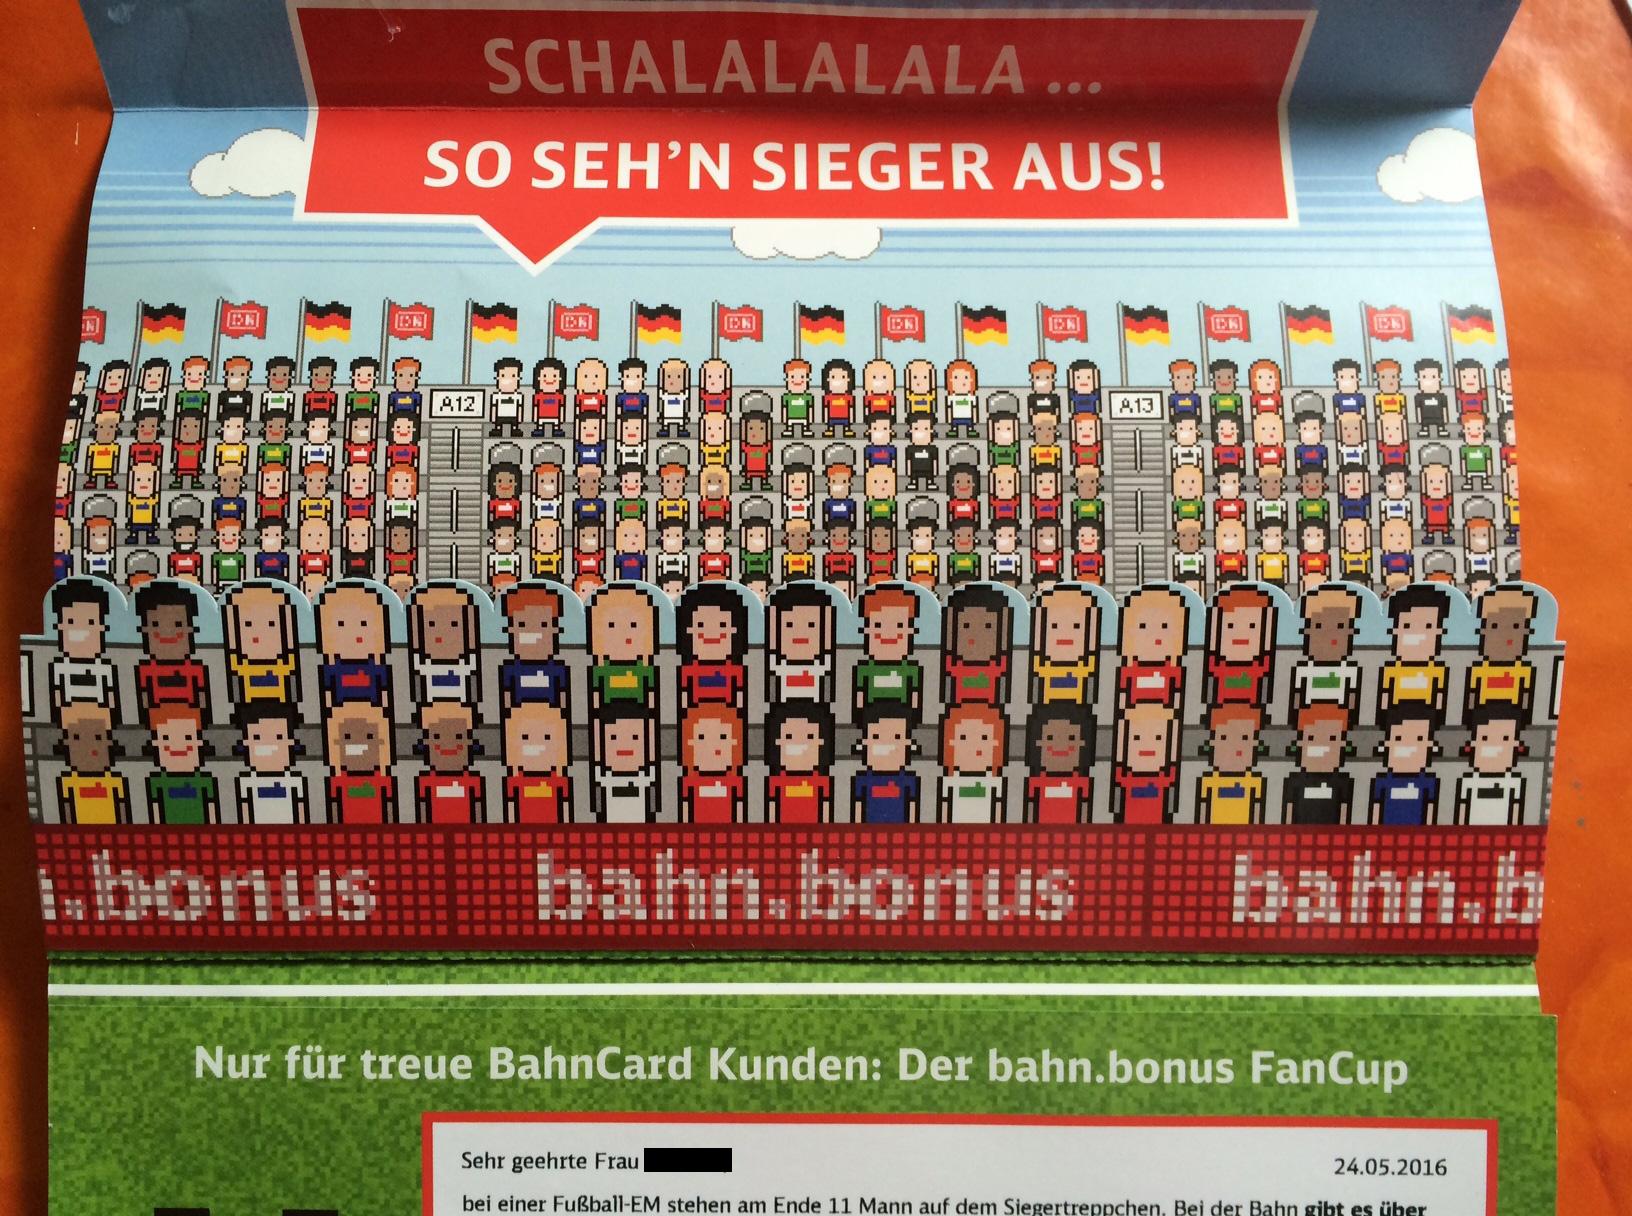 deutsche bahn bonus fancup fußball em 2016